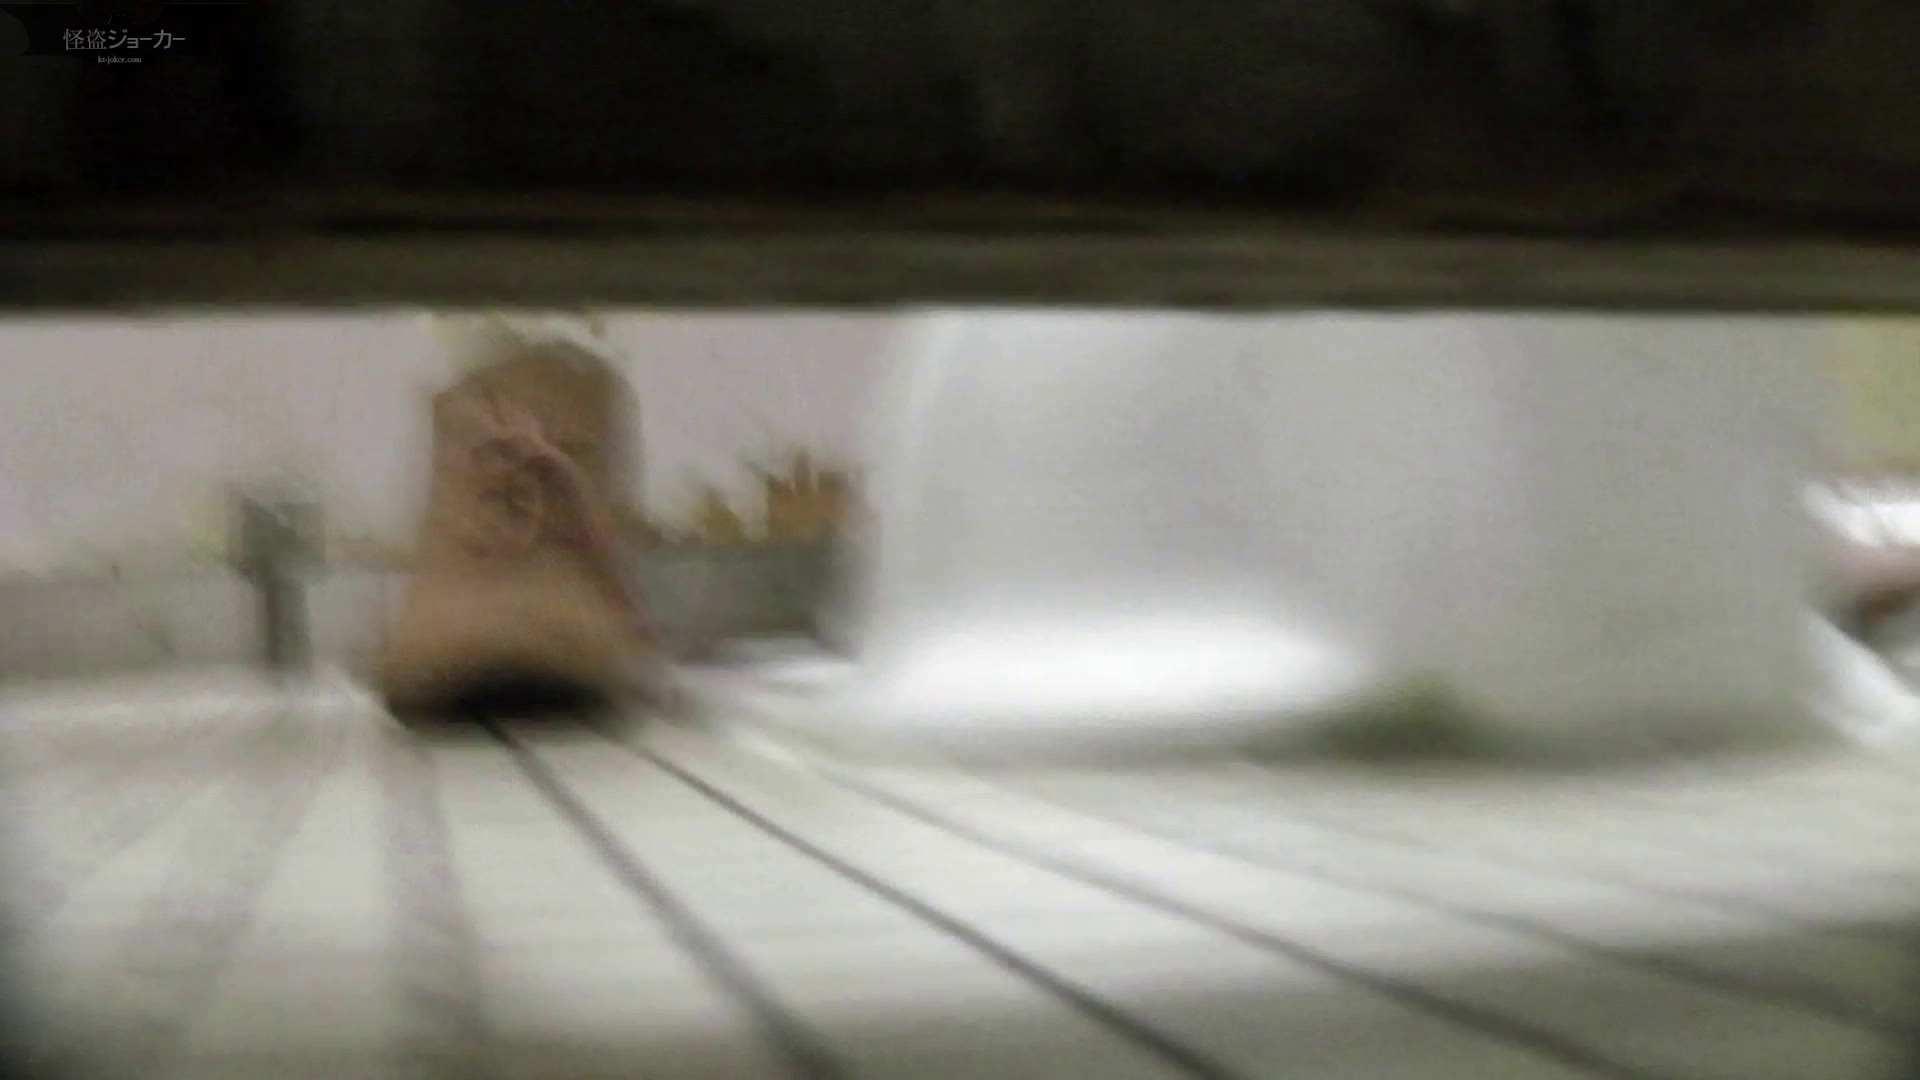 【美しき個室な世界】洗面所特攻隊 vol.046 更に進化【2015・07位】 洗面所  66pic 9